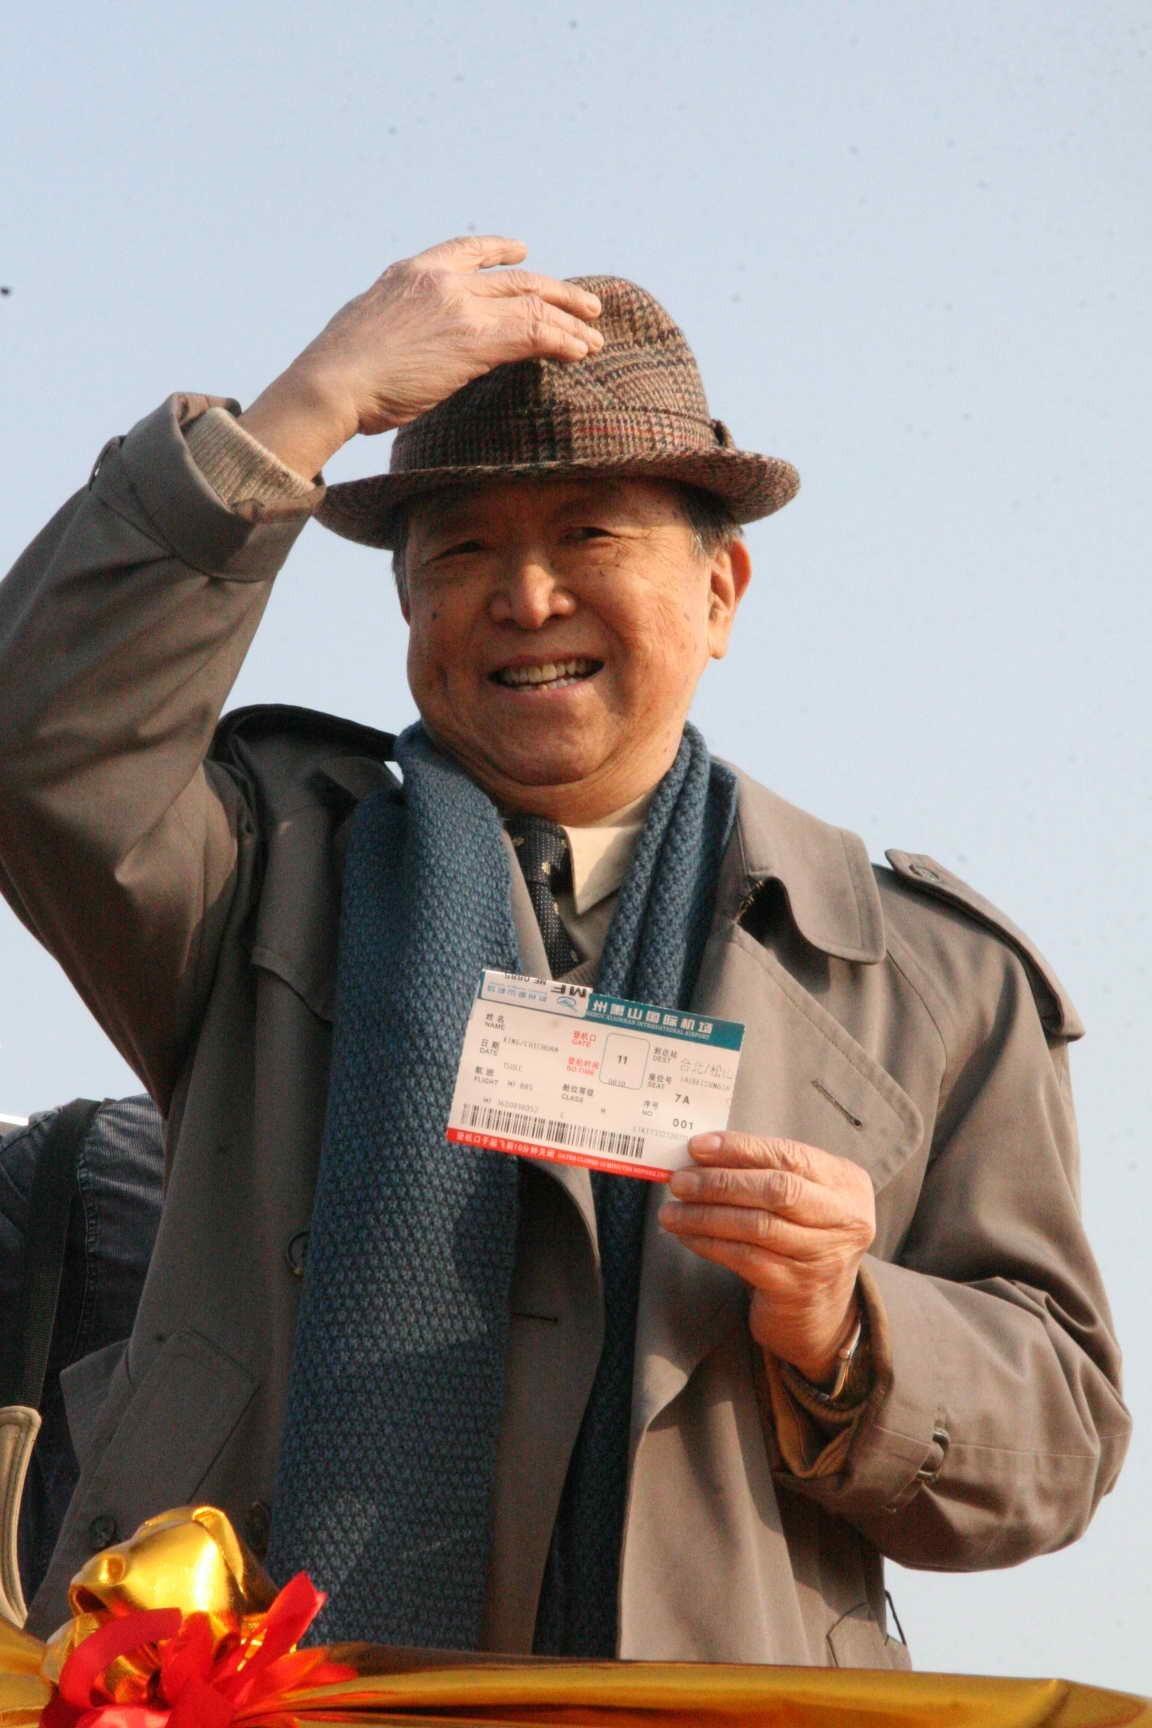 76歲的金先生拿到了杭州到台灣首發直航班的一號票,並告訴記者「作為第一號乘員,我此刻非常激動。」臨登機前,金先生還不忘揮舞着這張特殊的機票,向前來送行的人致意。(圖片來源:中新社)